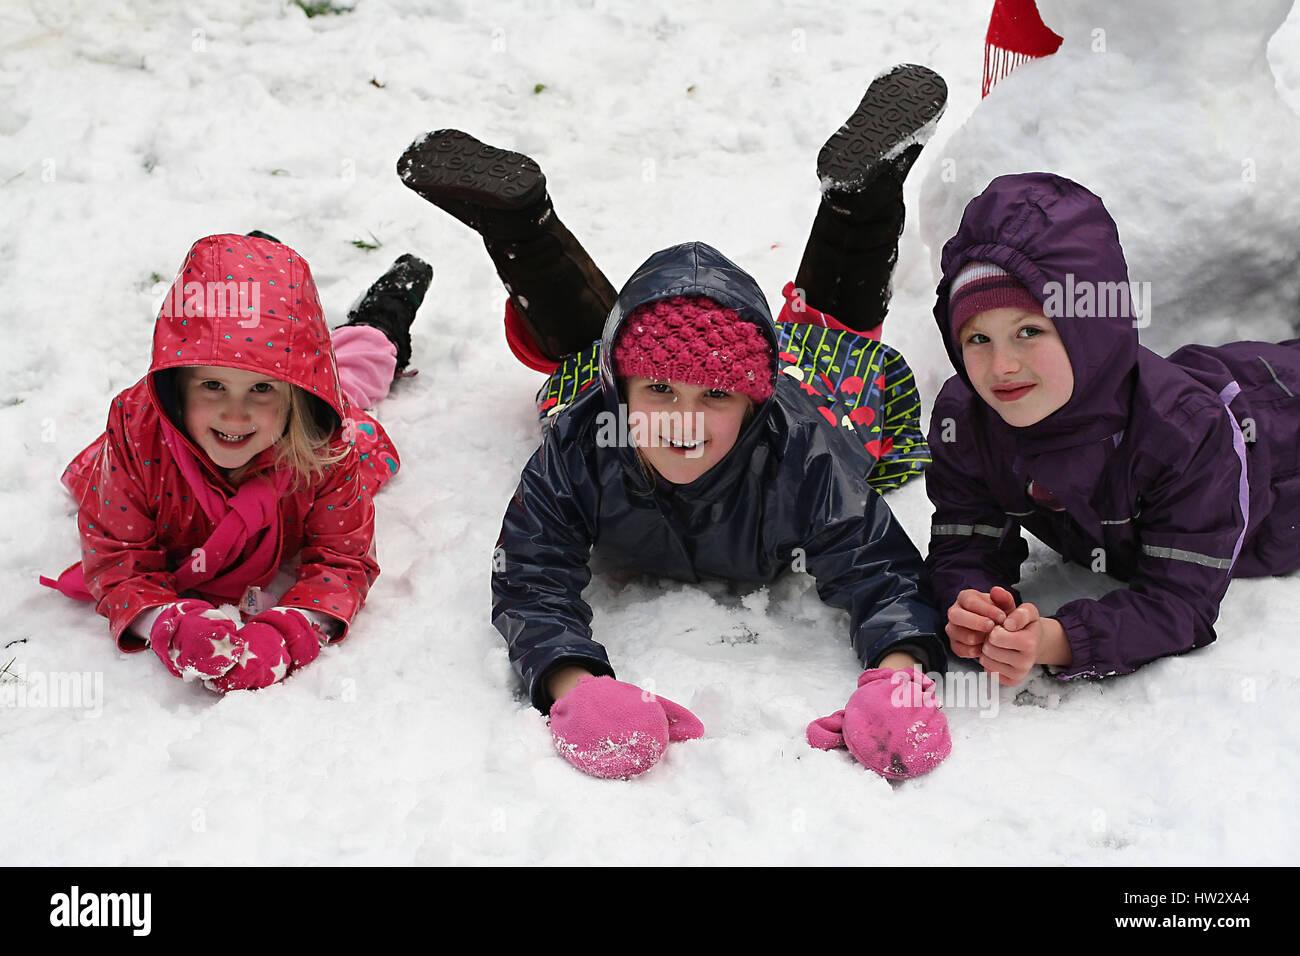 Ninos Jugando En La Nieve Dublin Irlanda Foto Imagen De Stock